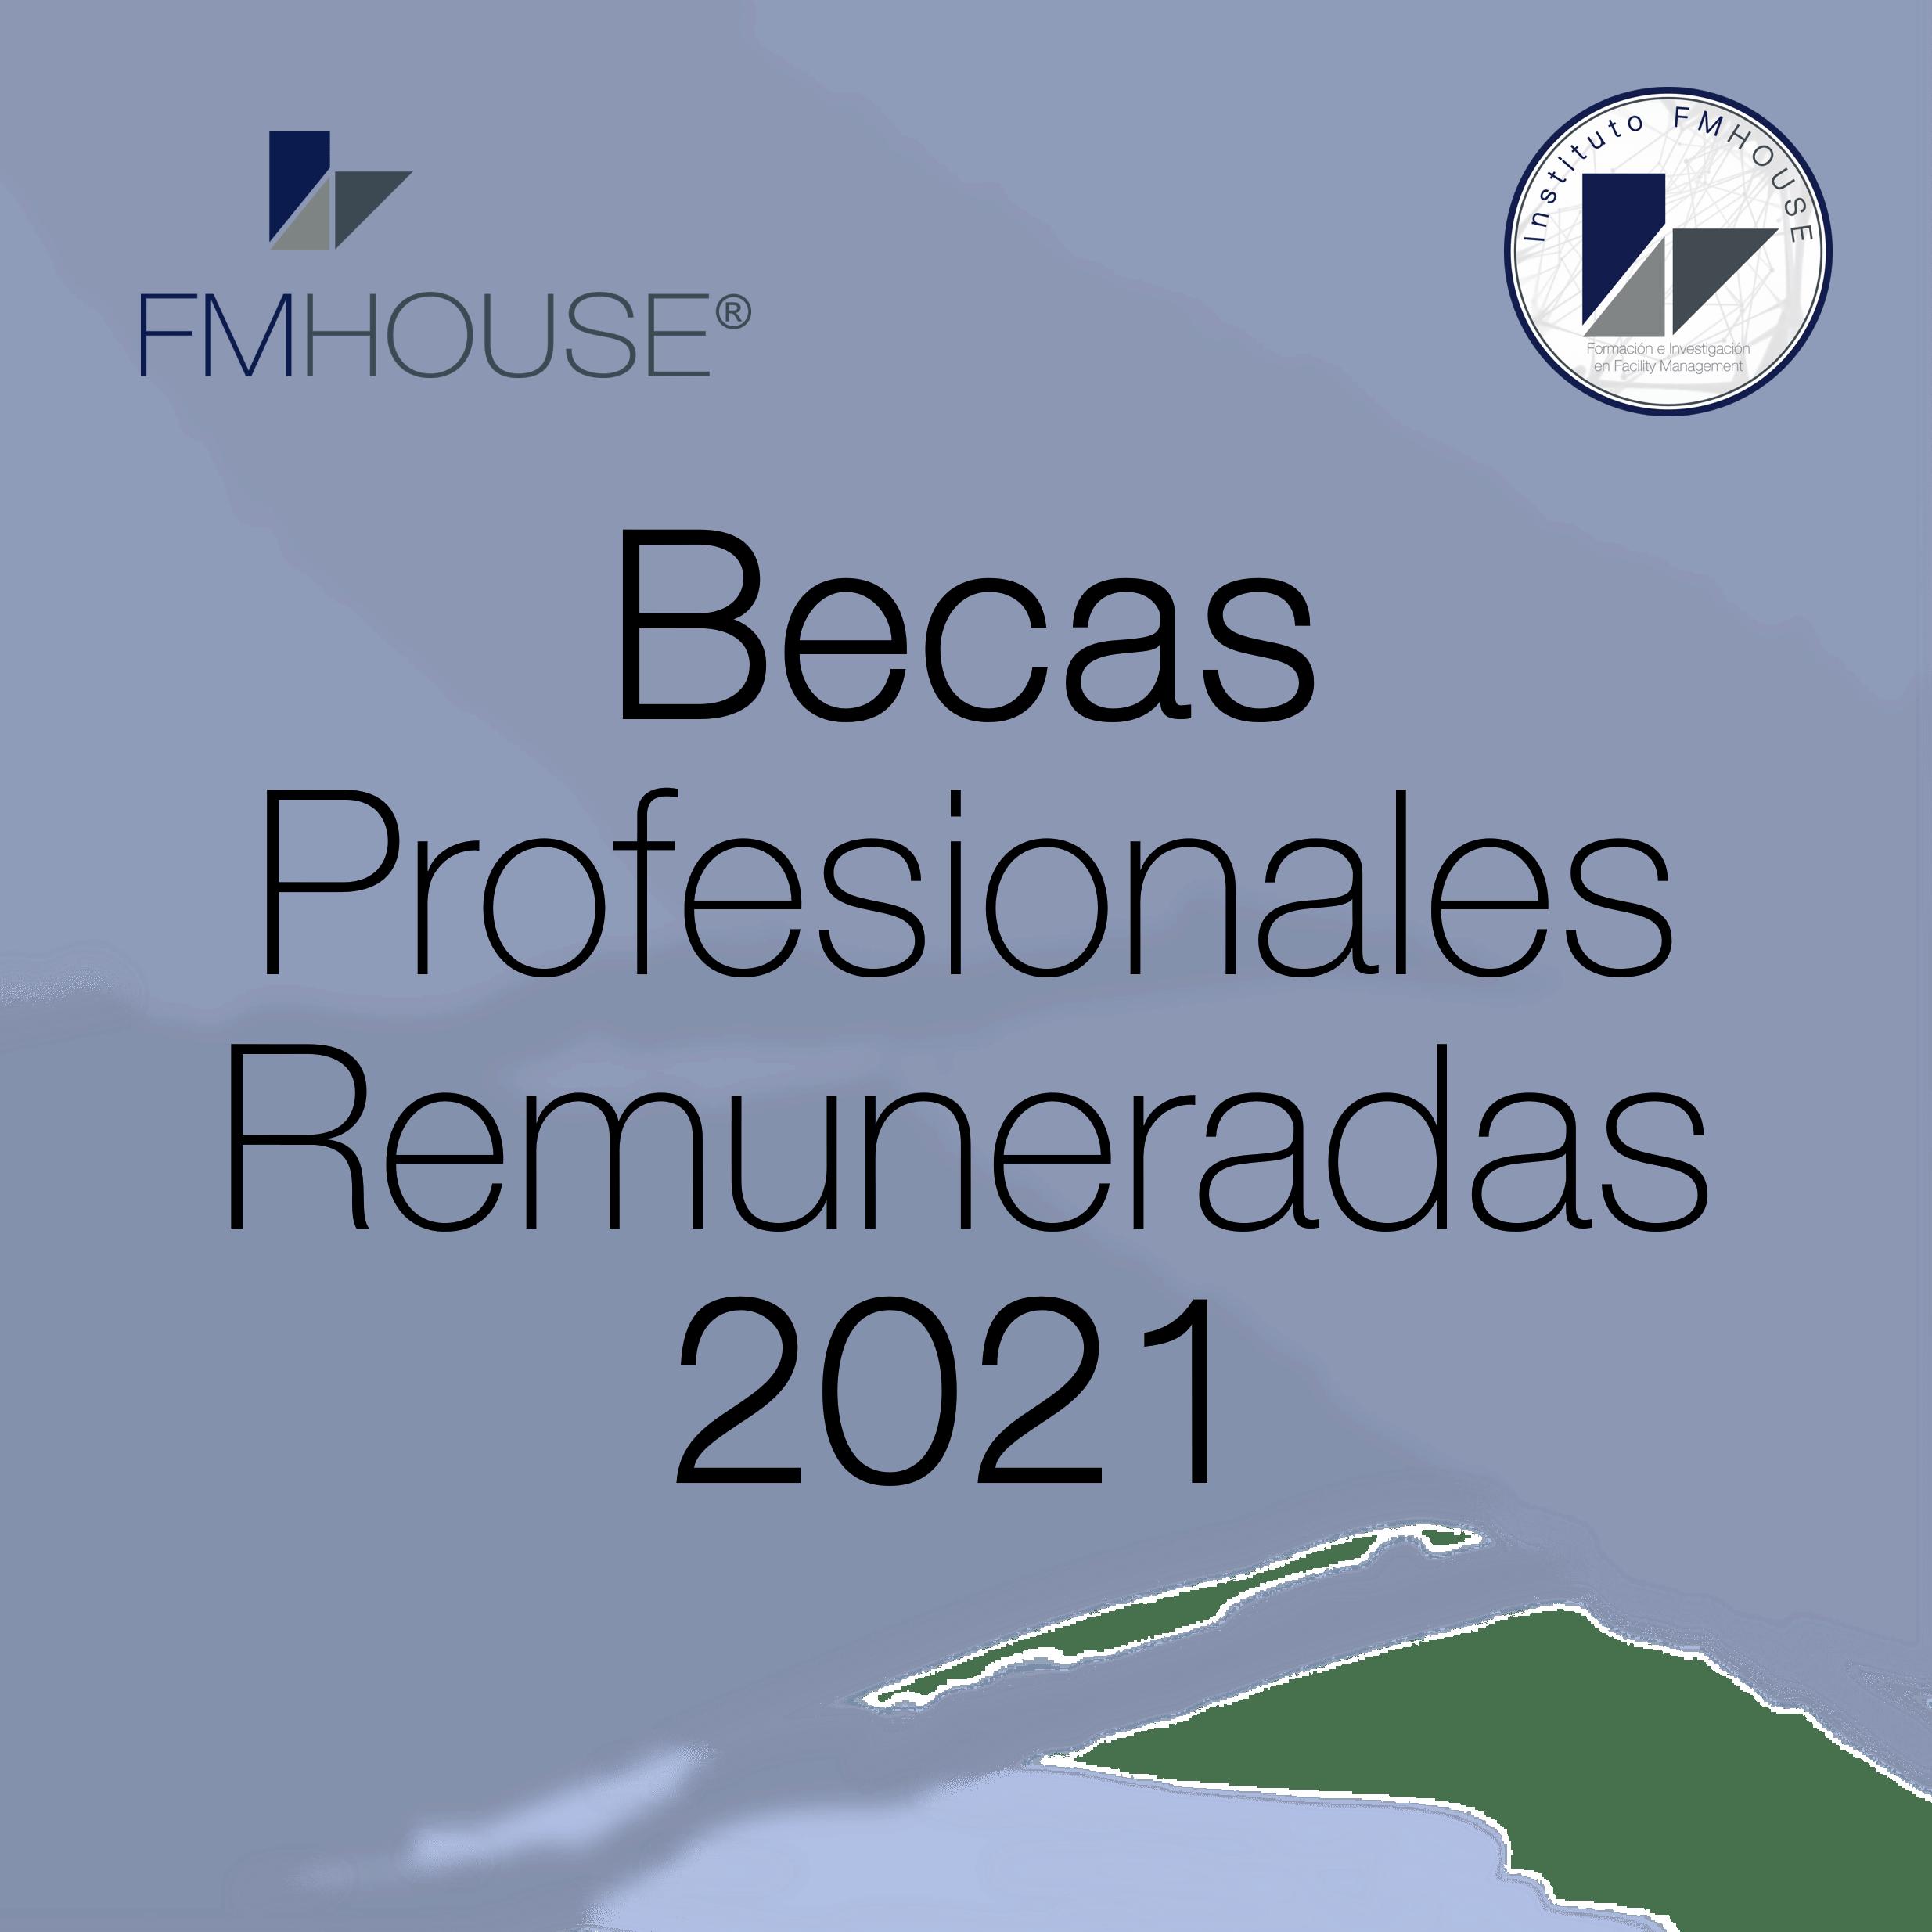 Becas Profesionales Remuneradas 2021